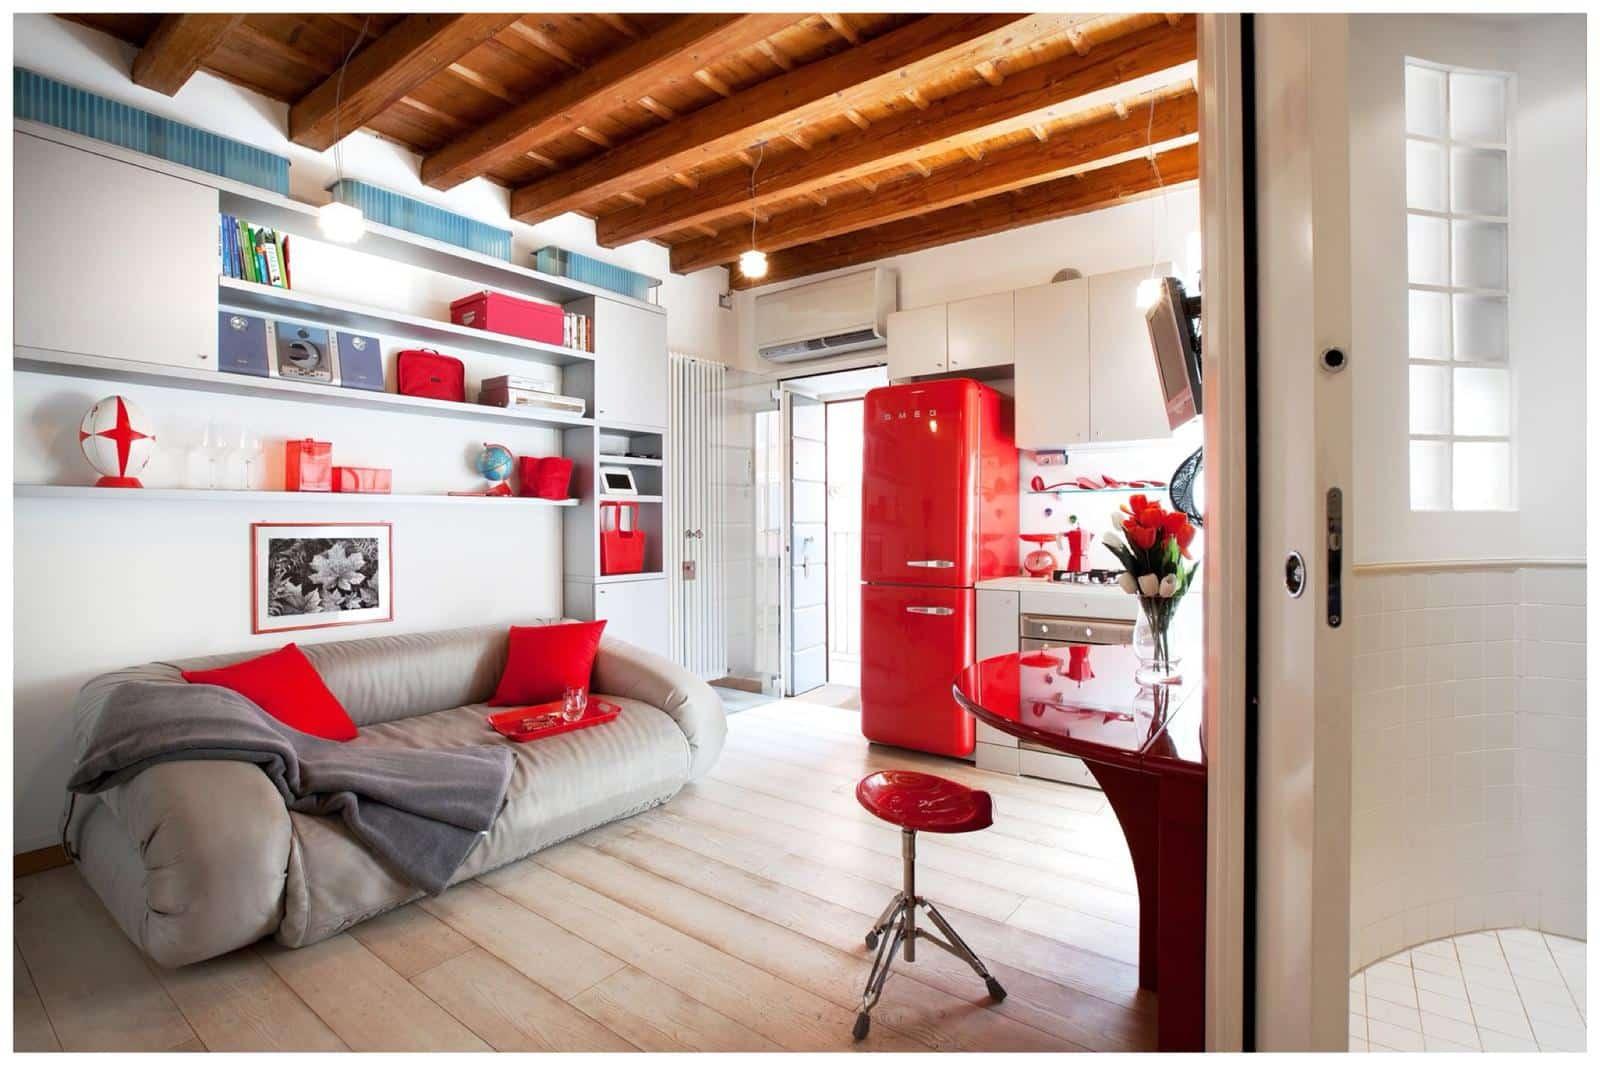 idee arredo piccolo appartamento soluzioni salvaspazio